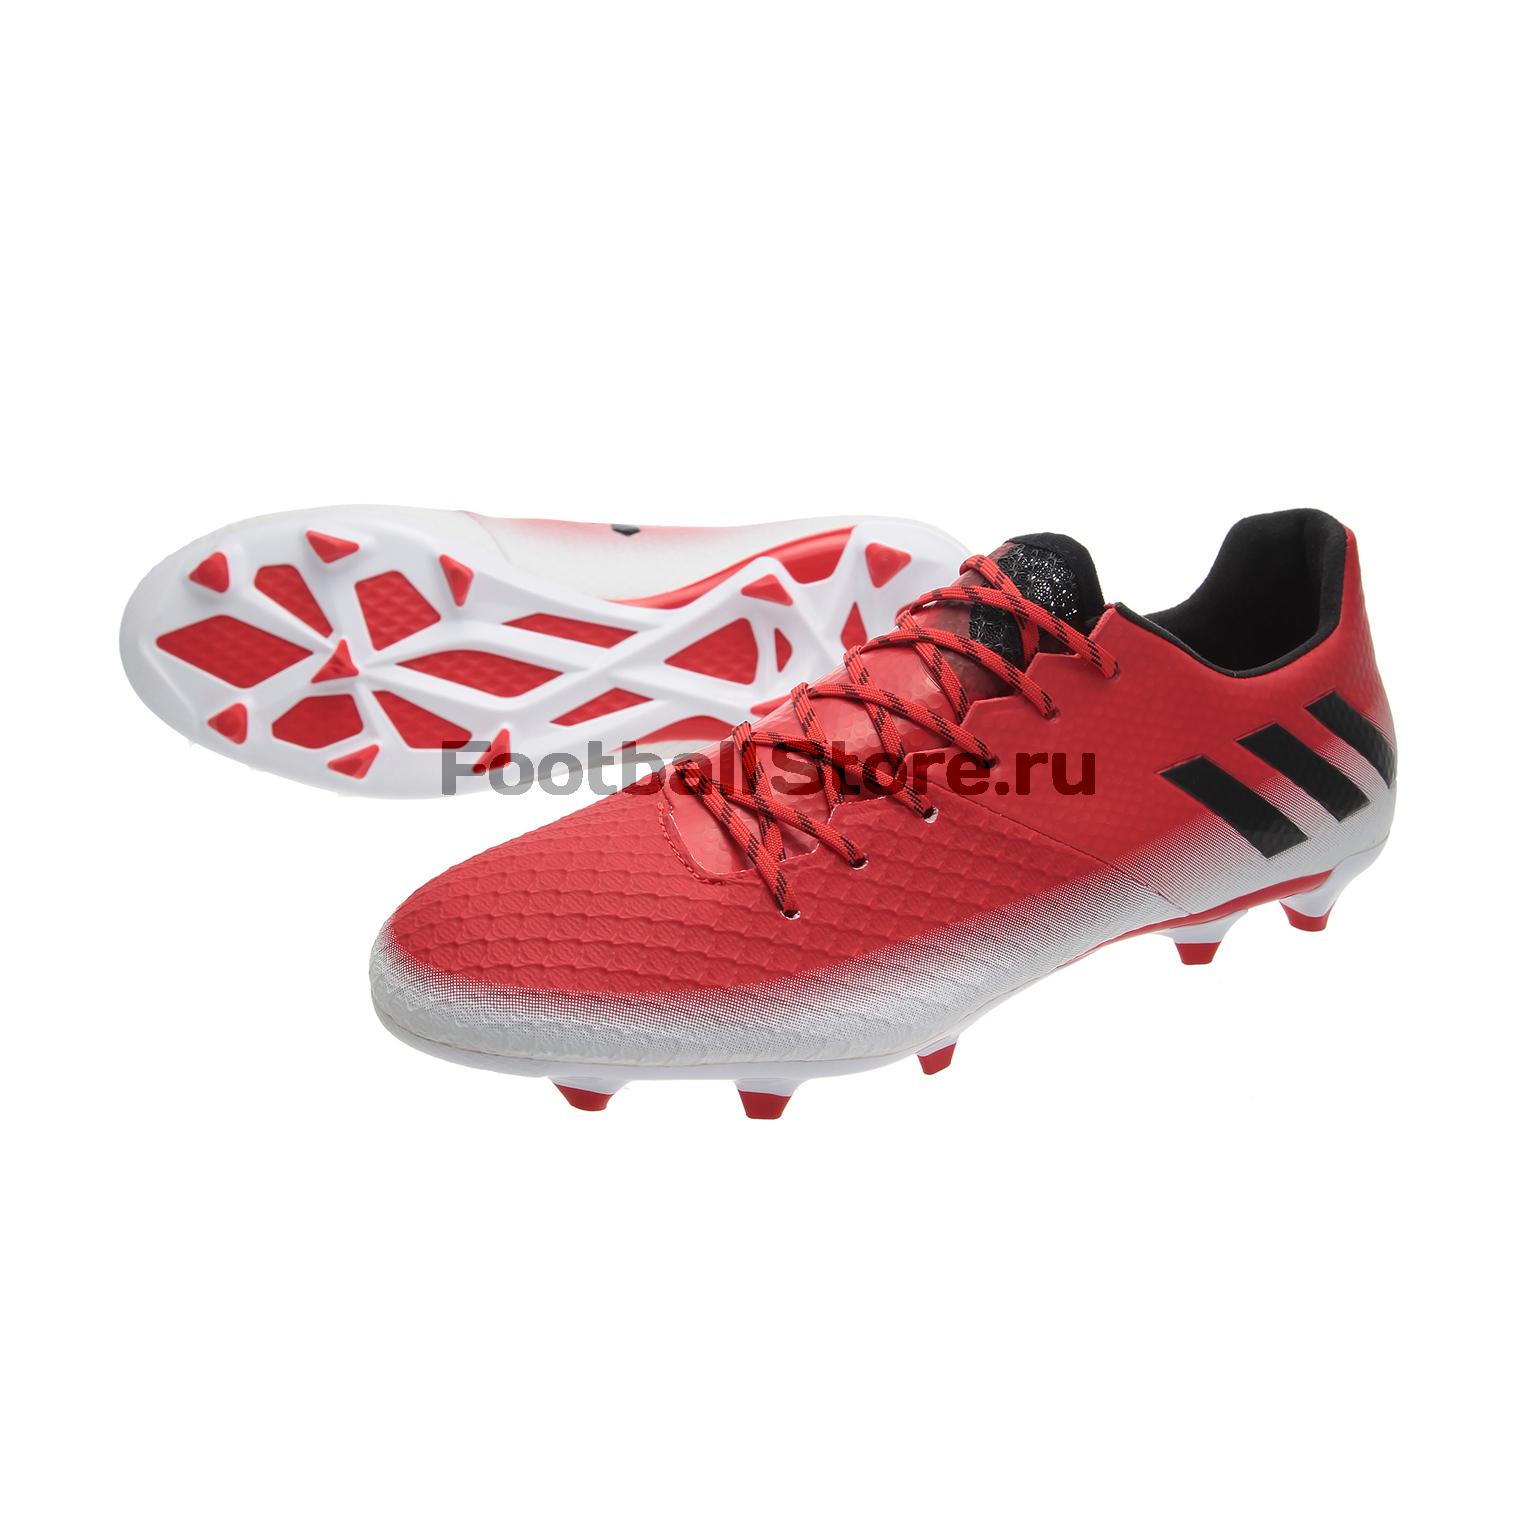 Игровые бутсы Adidas Бутсы Adidas Messi 16.2 FG BA9144 �������� adidas